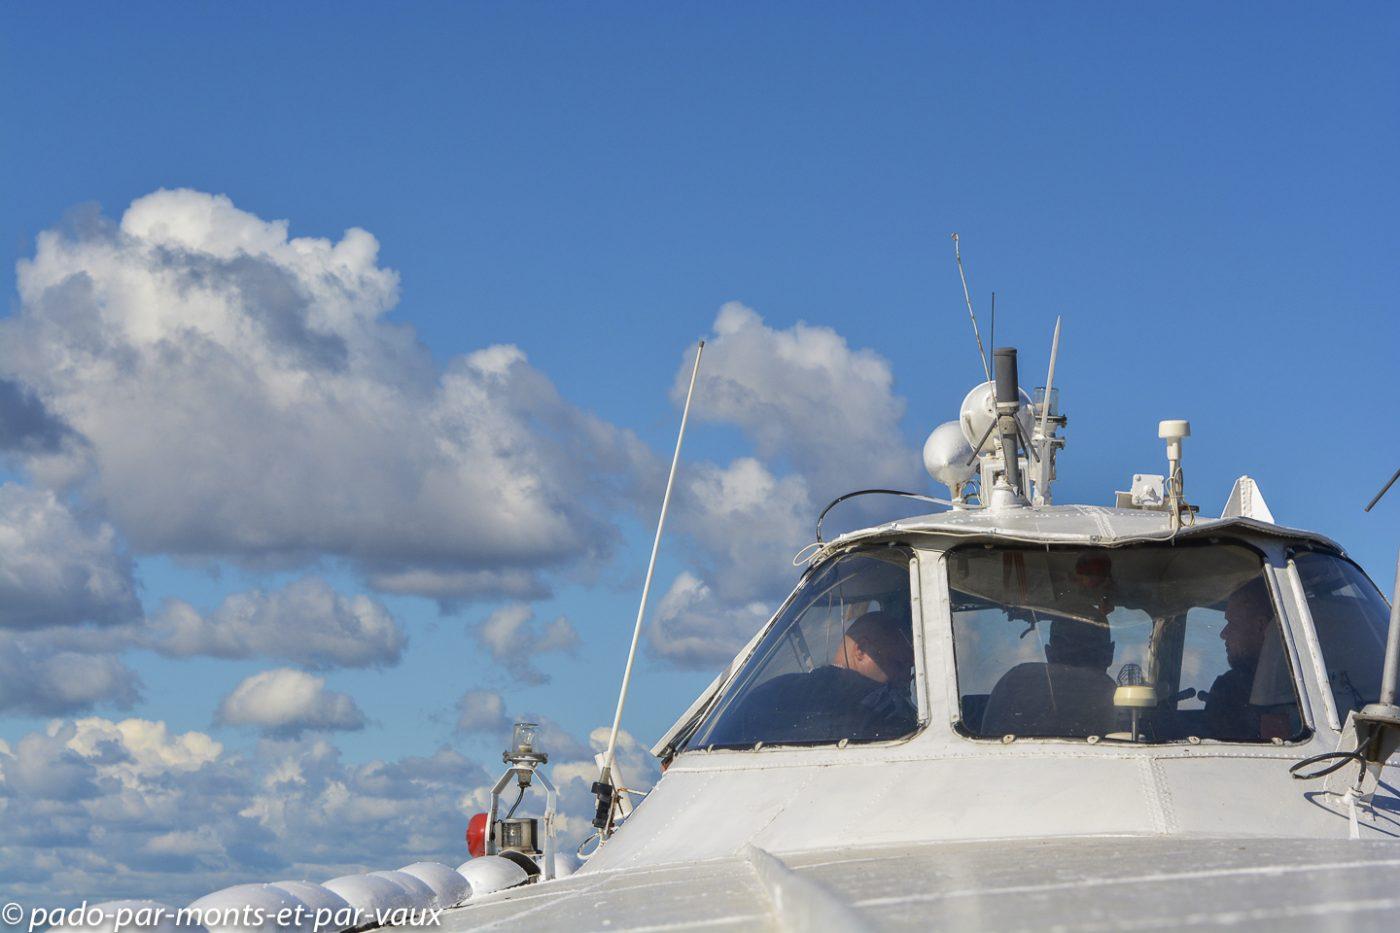 2015 - Hydroglisseur vers Peterhof